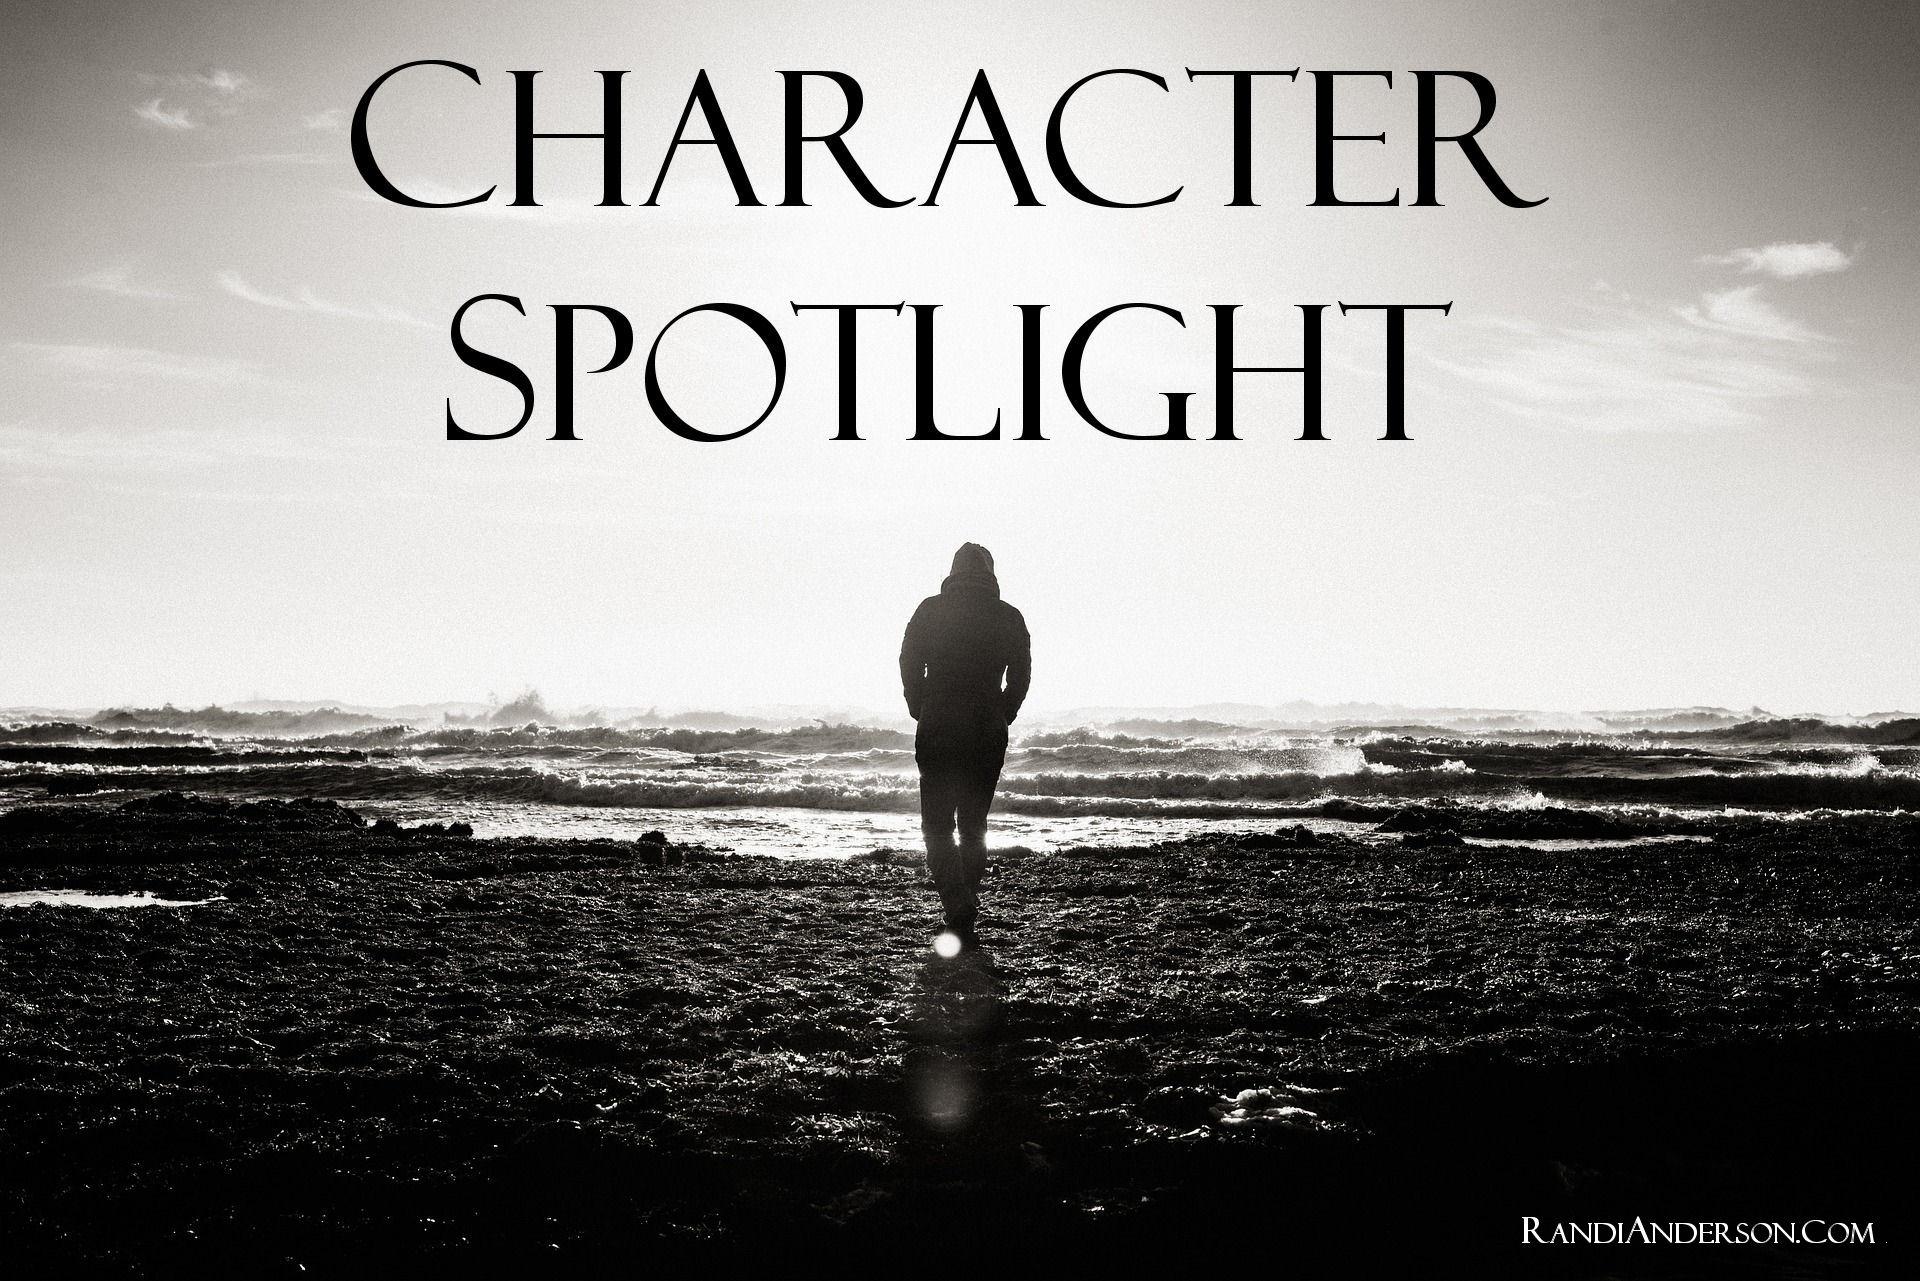 Character Spotlight Image - RandiAnderson.com